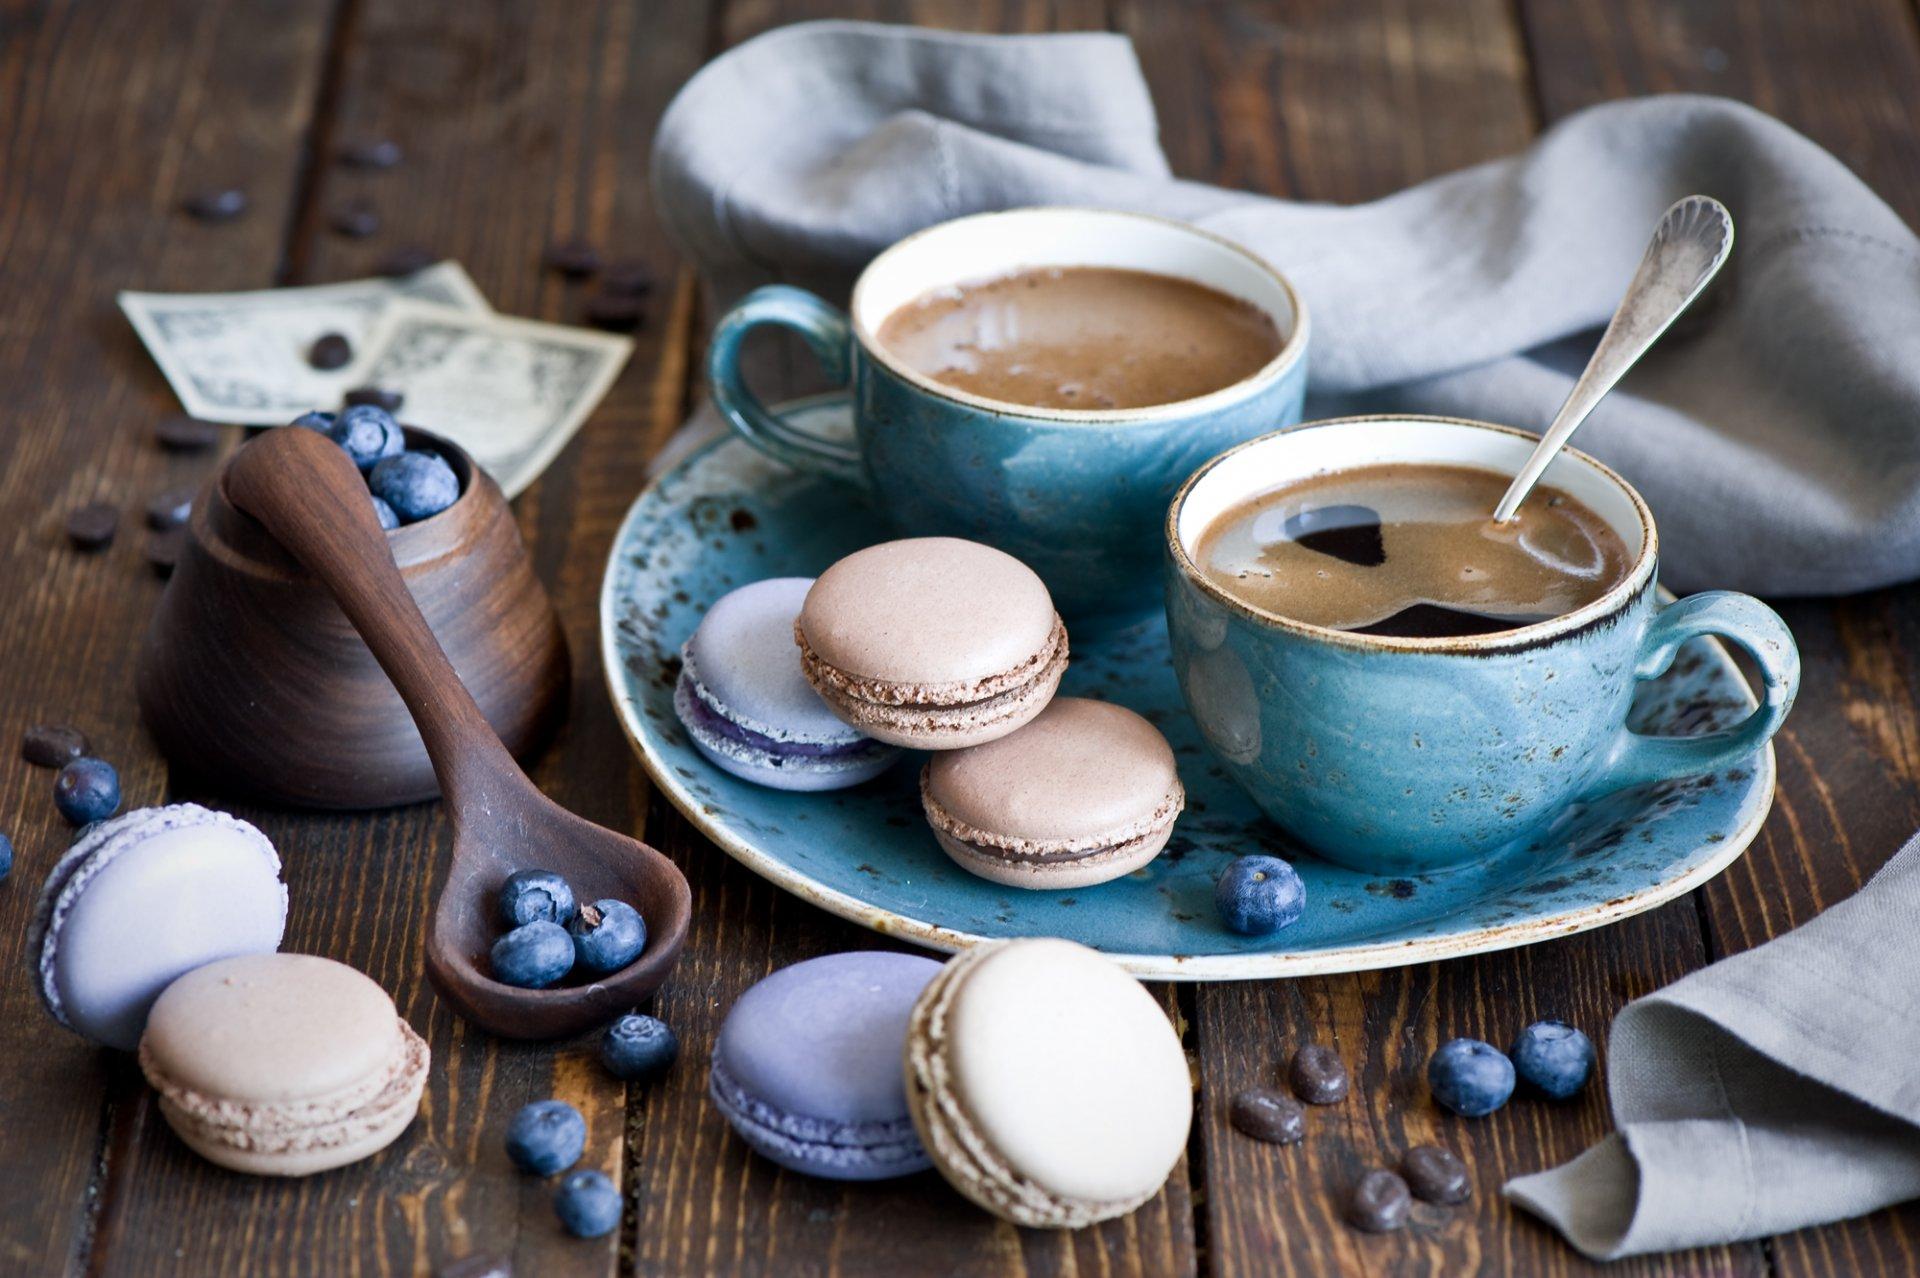 Коллегу мужчину, картинка с чашкой кофе и сладостями